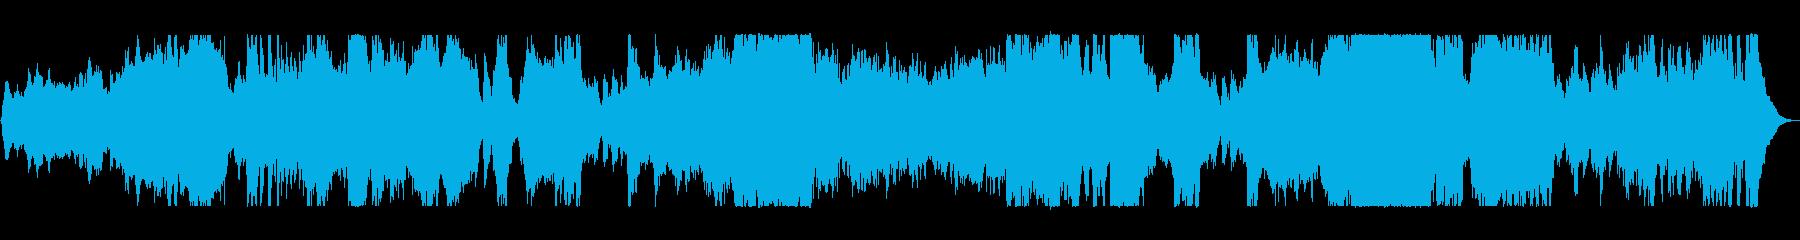 壮大で大迫力トランペット金管楽器サウンドの再生済みの波形